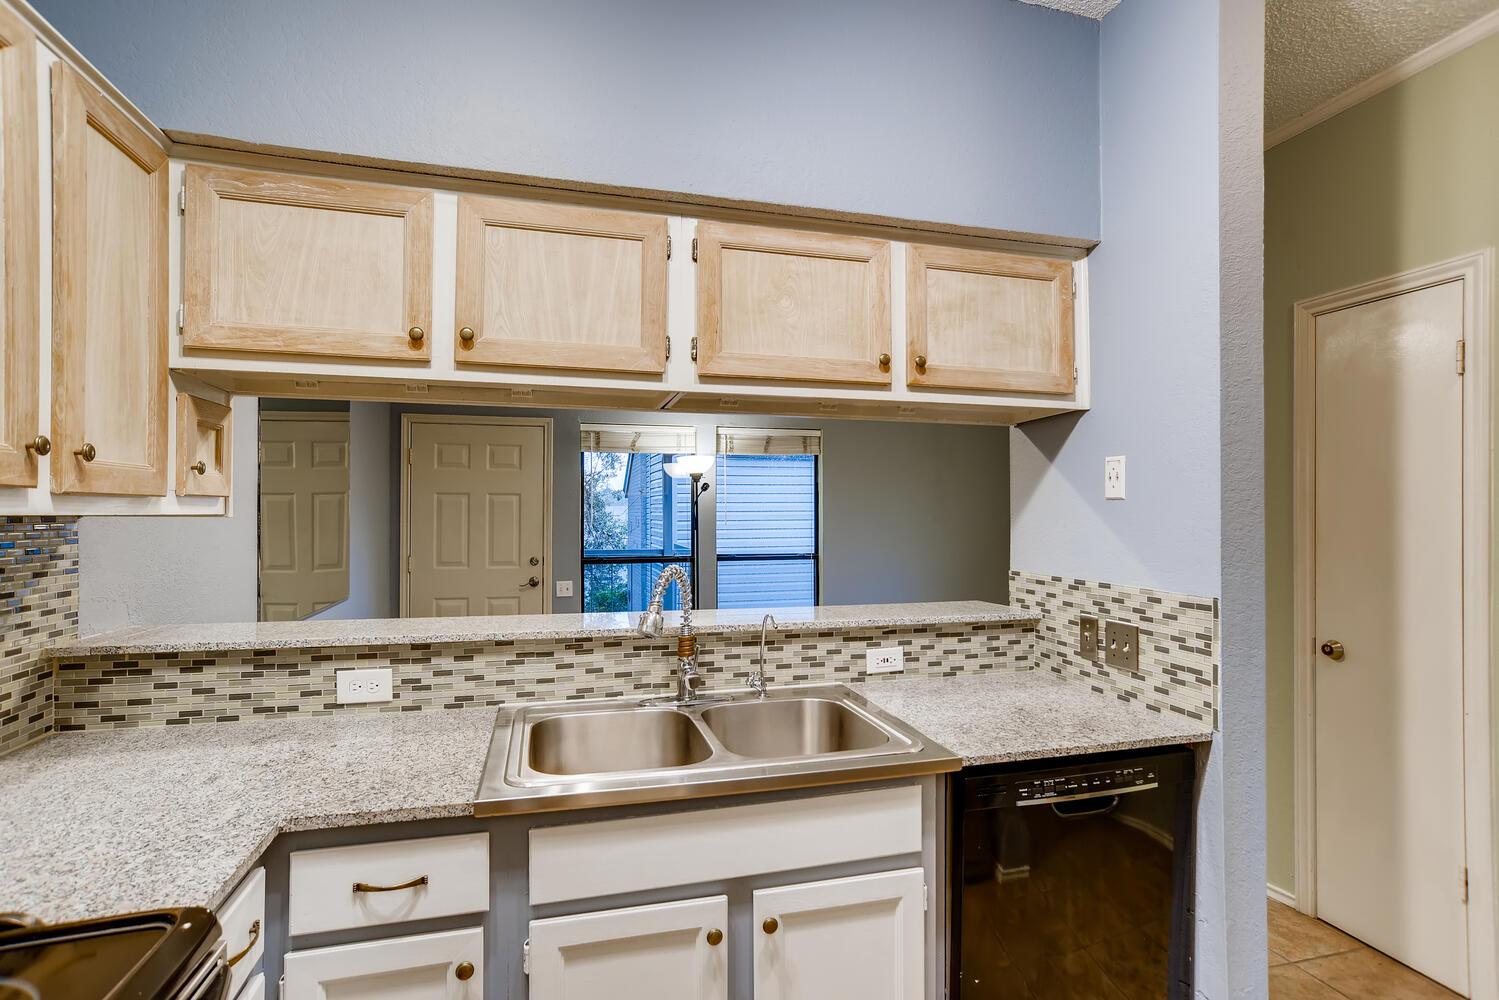 802 S 1st St Unit 205 Austin-large-010-022-Kitchen-1500x1000-72dpi